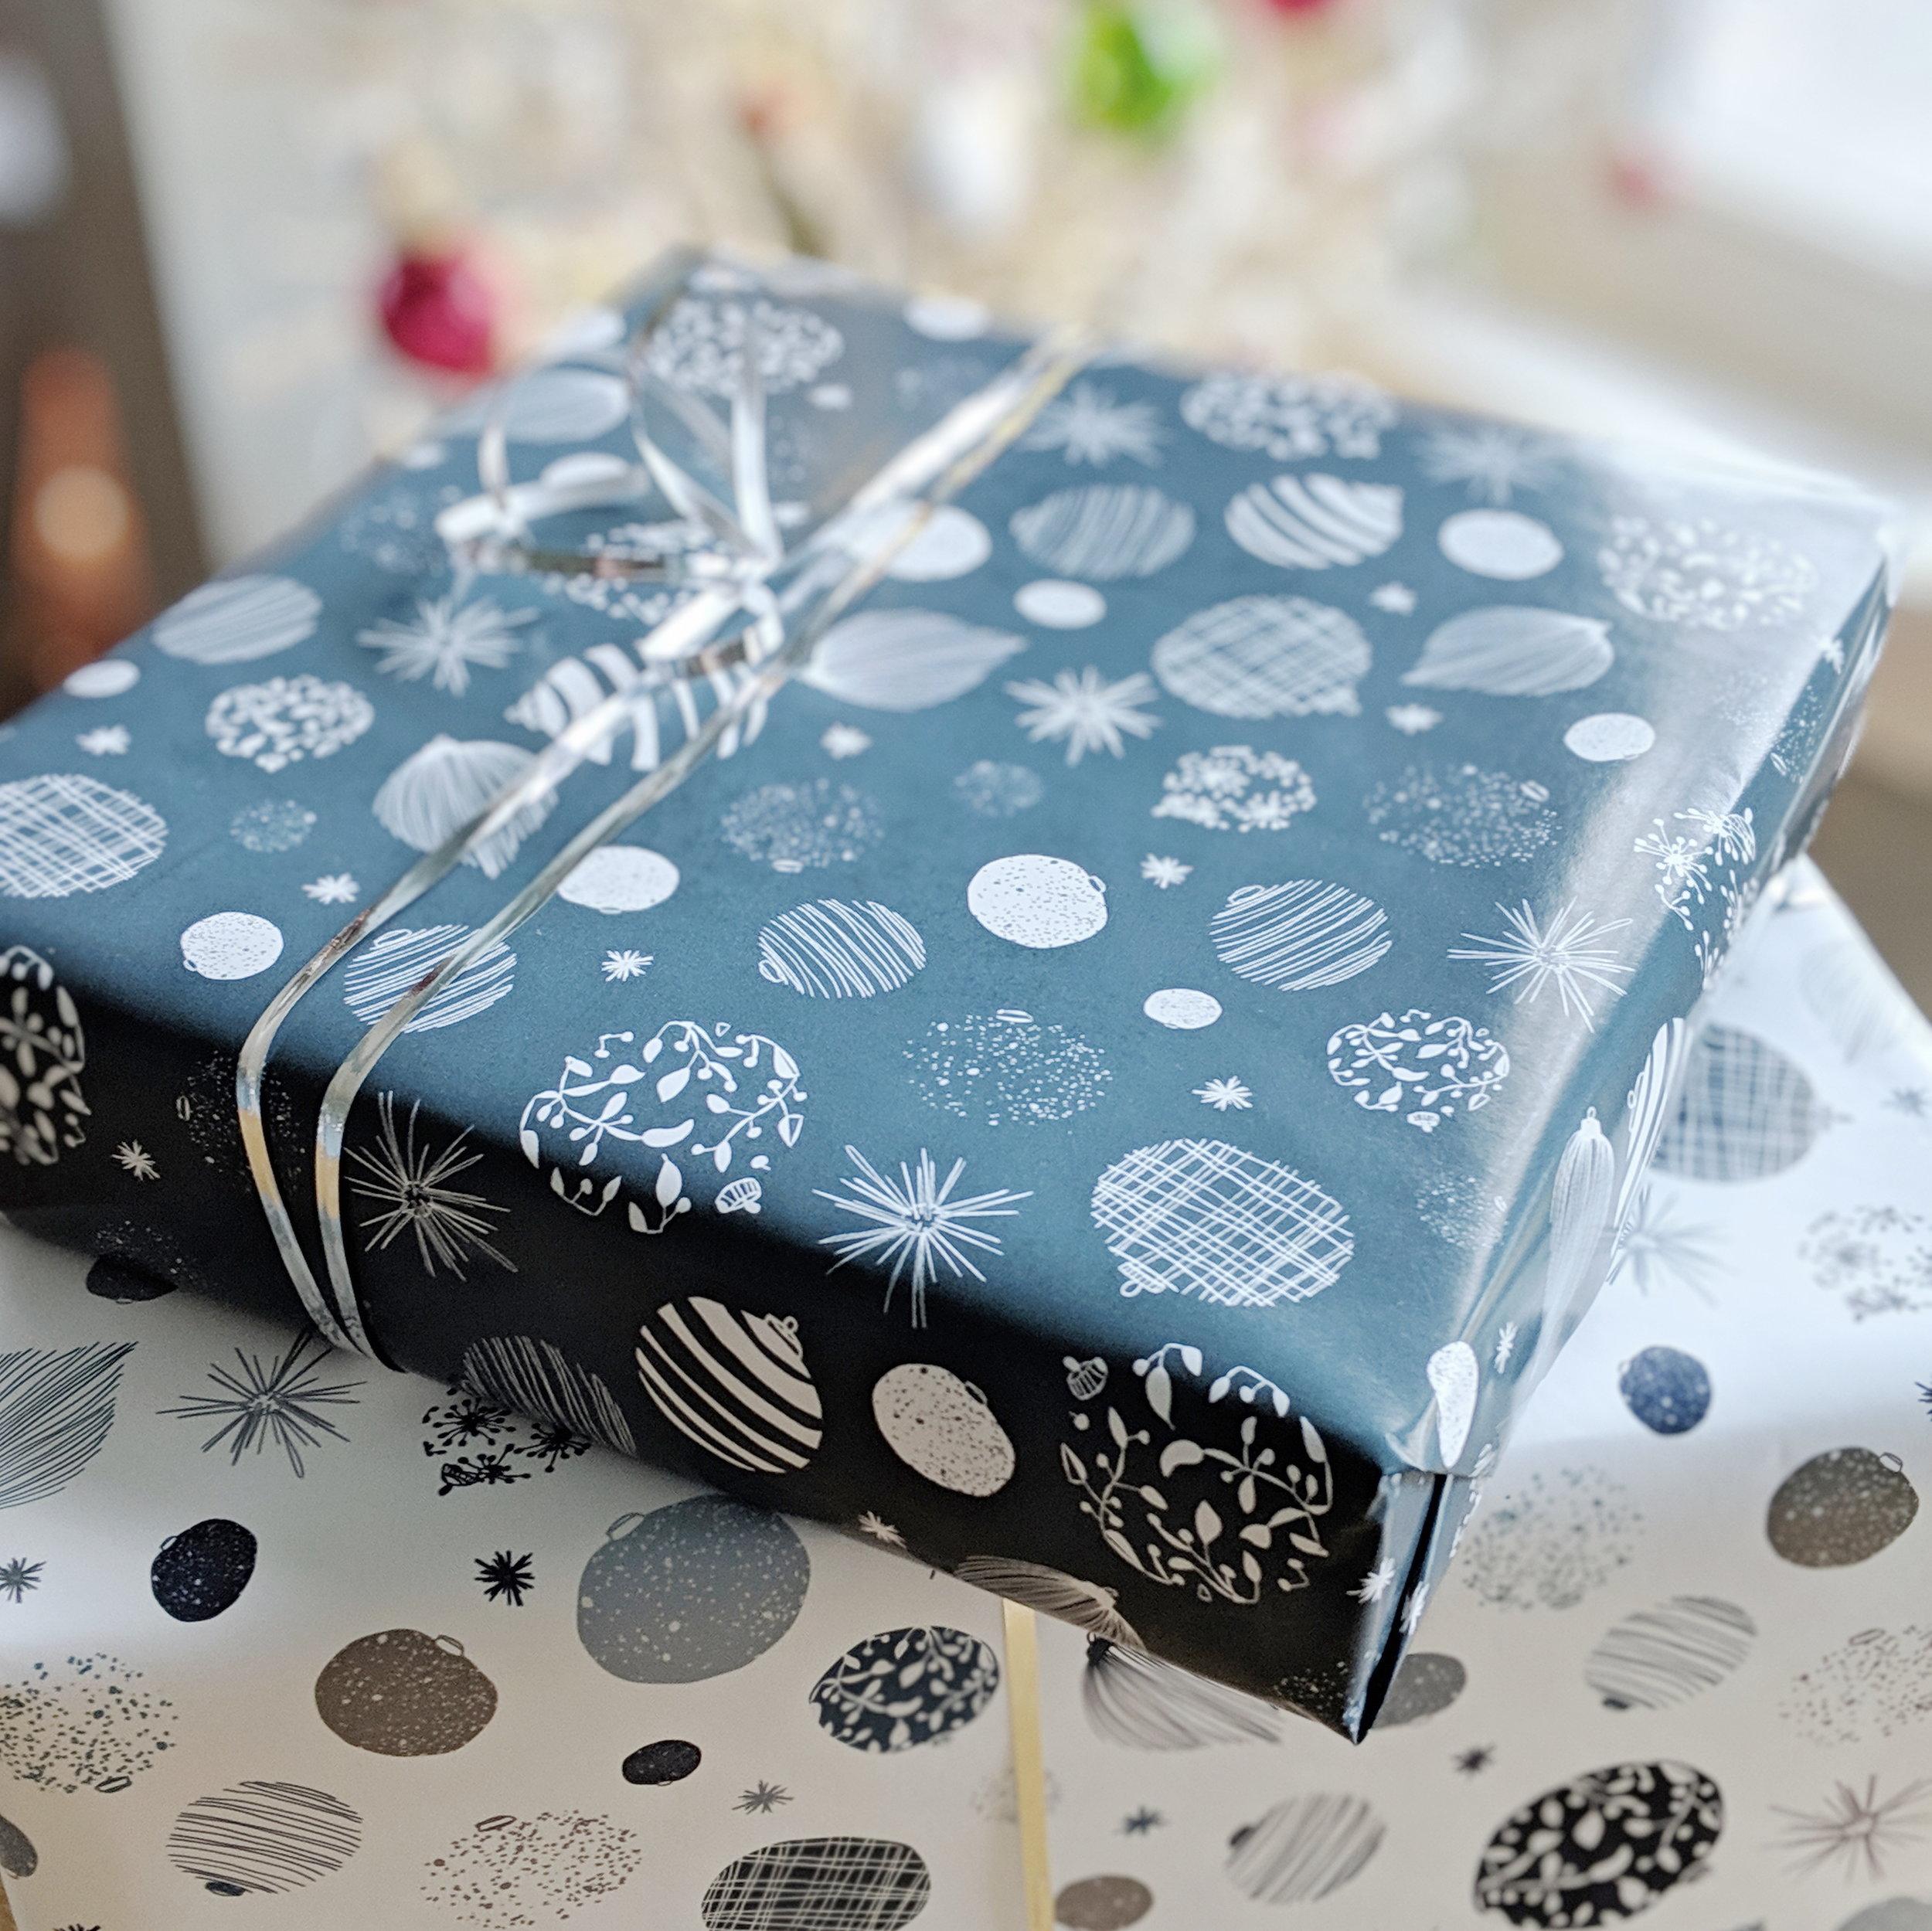 ornaments-wrapped-lauriebaars.jpg